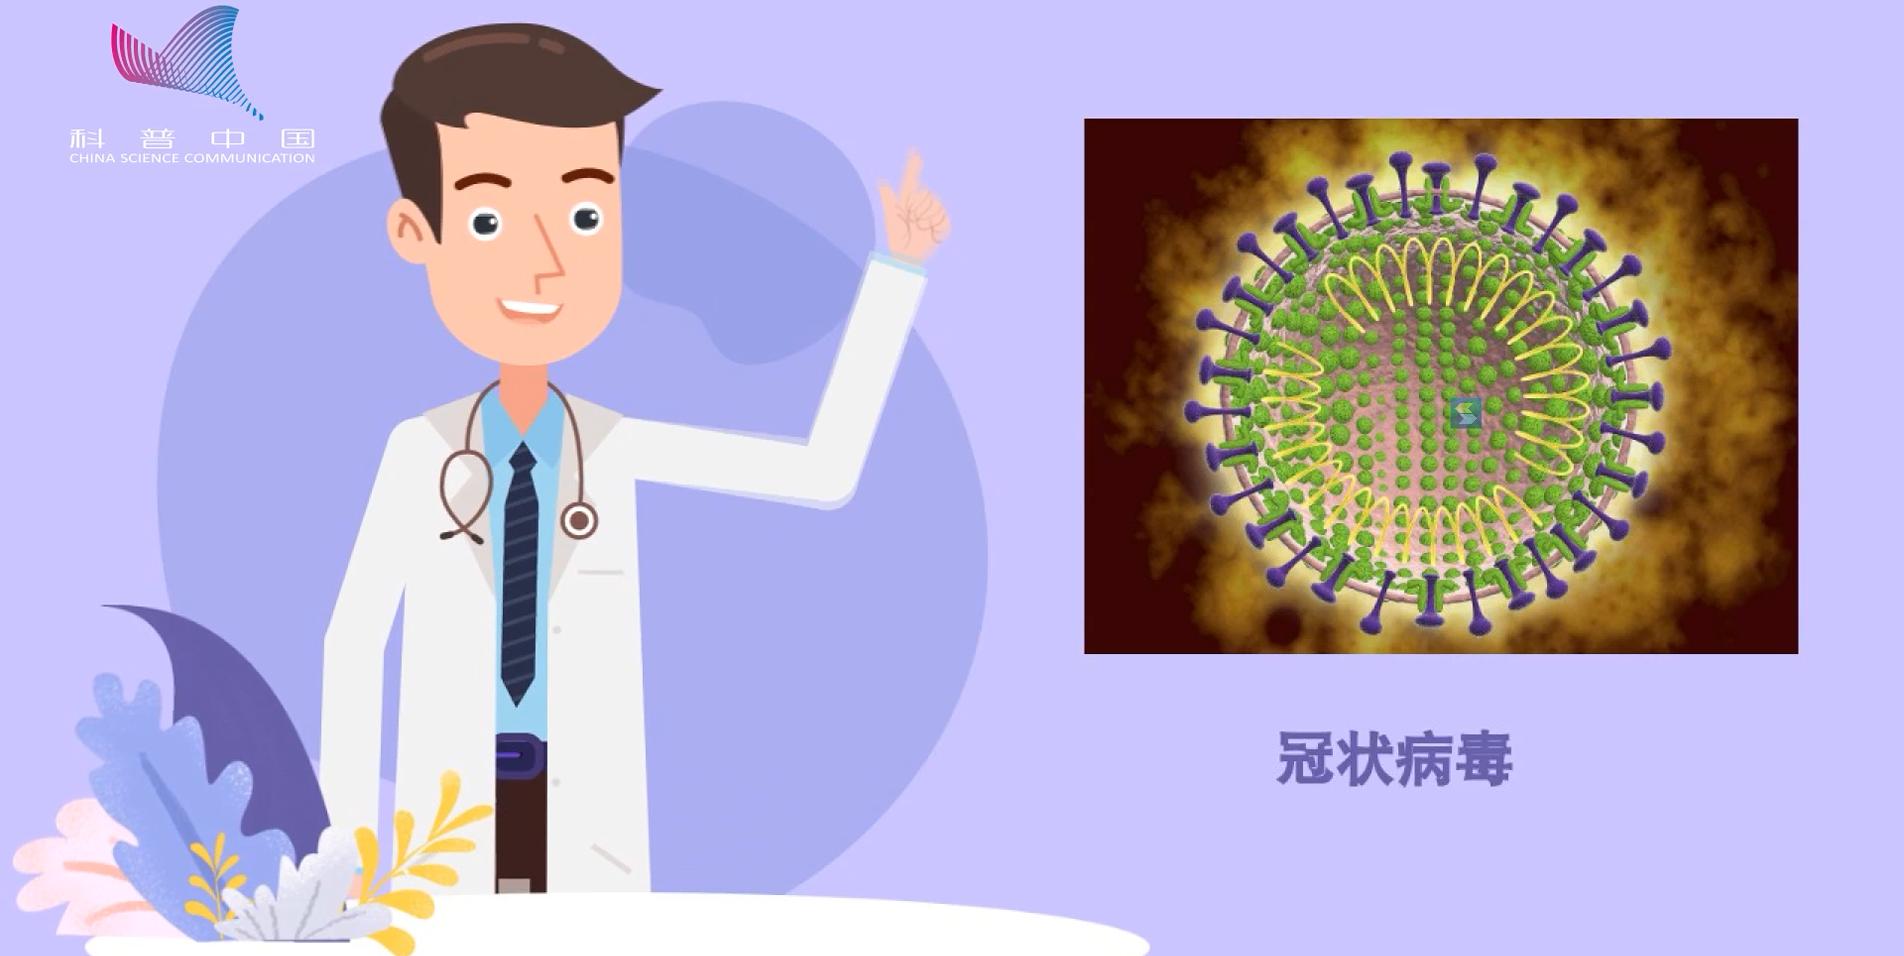 权威科普:如何科学预防新型冠状病毒肺炎